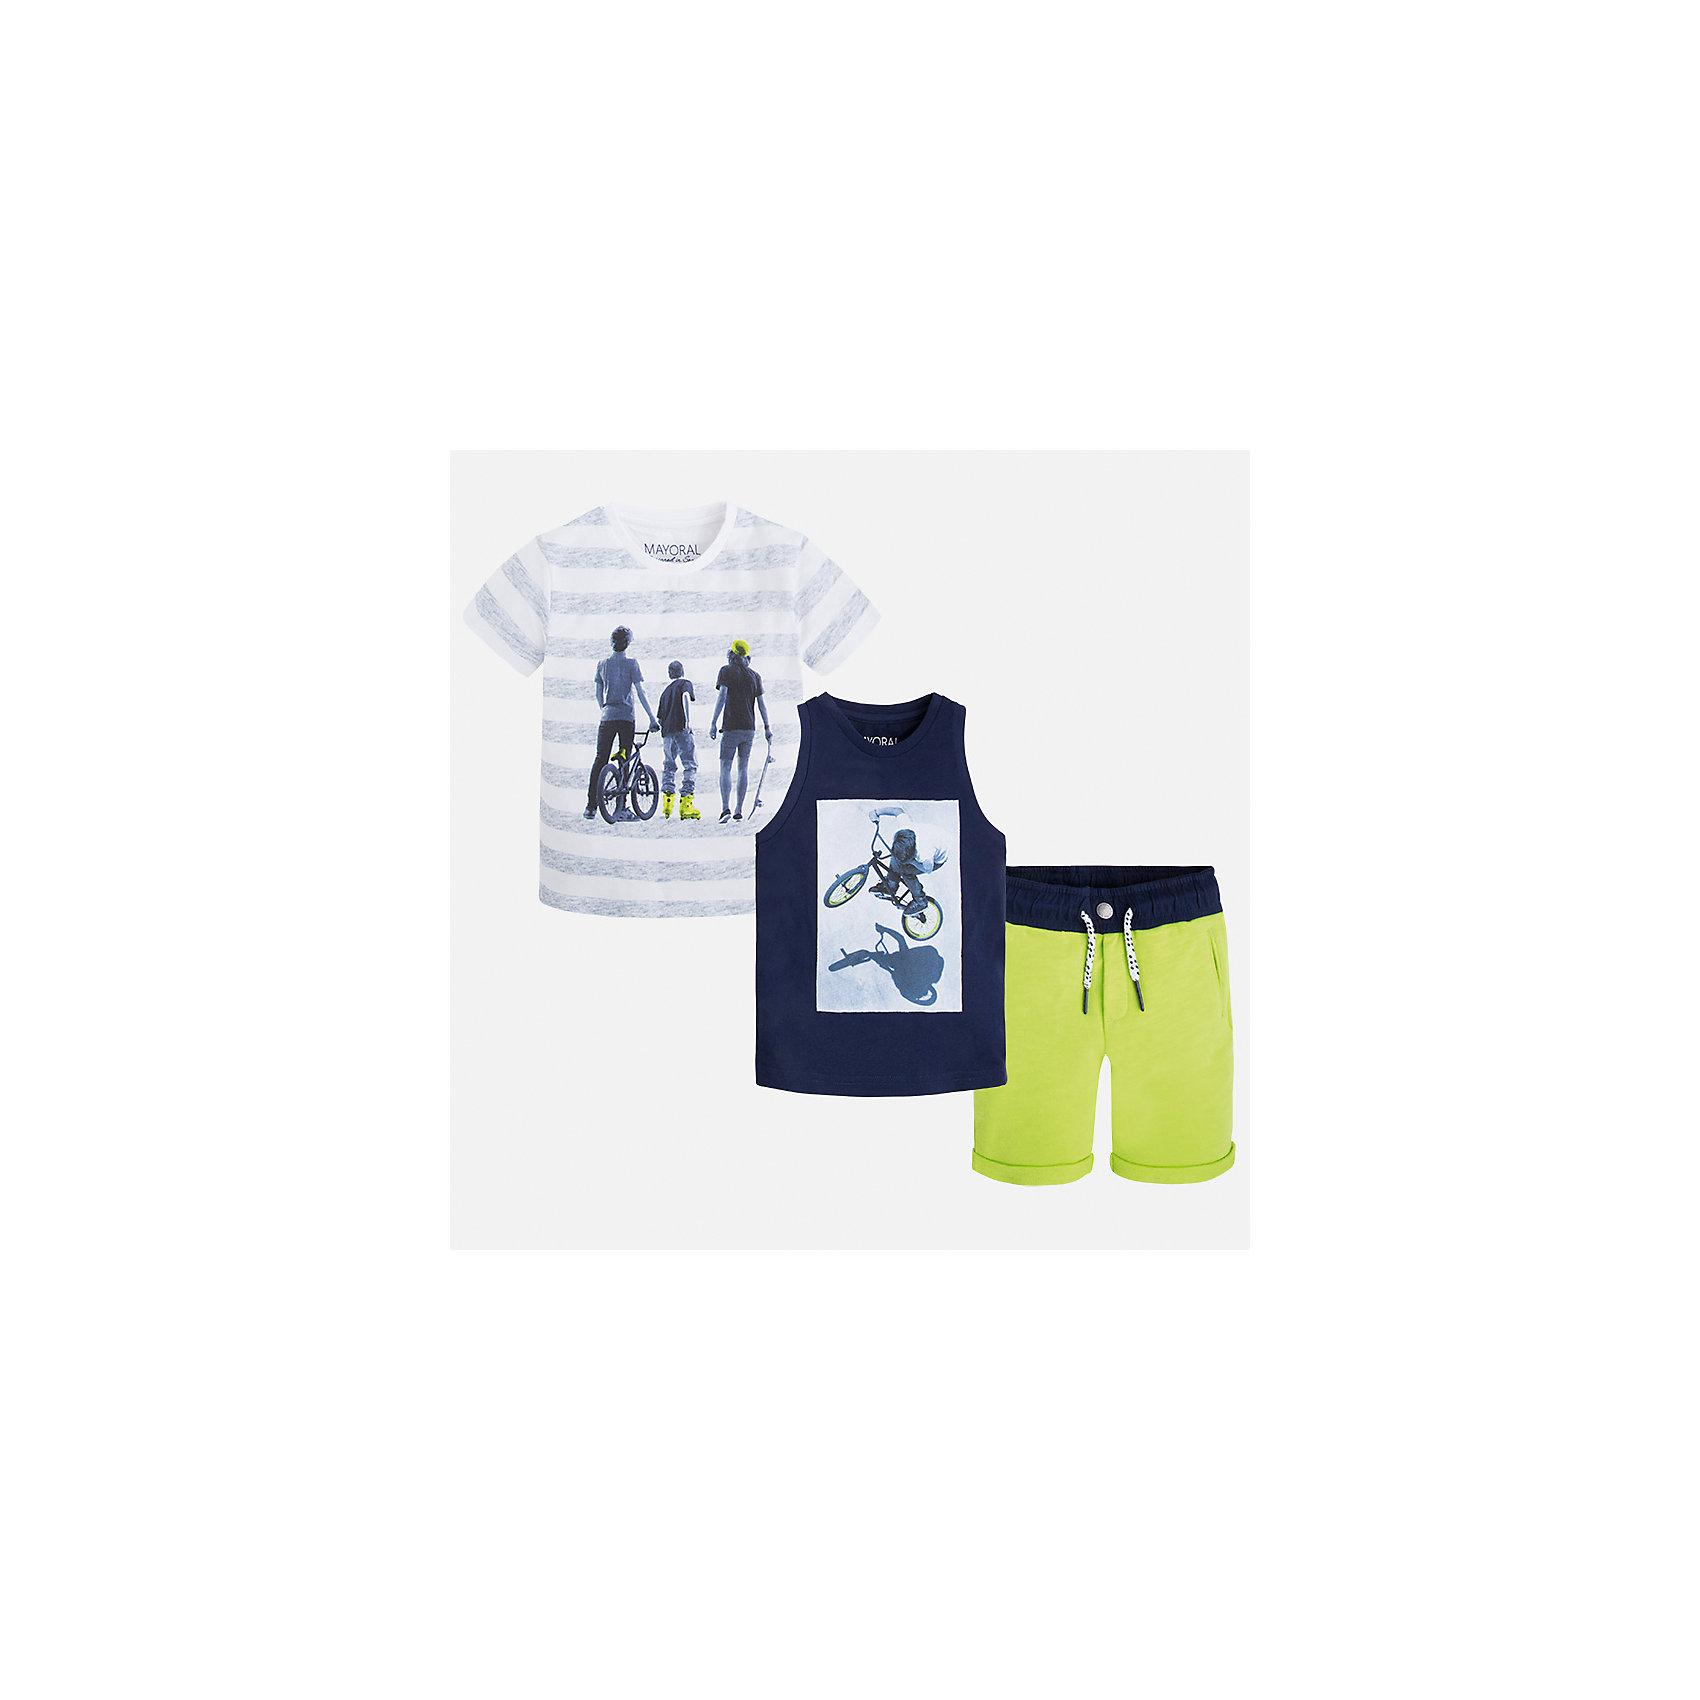 Комплект: футболка, майка и шорты для мальчика MayoralКомплекты<br>Характеристики товара:<br><br>• цвет: белый/синий/зеленый<br>• состав: 100% хлопок<br>• комплектация: шорты, футболка, майка<br>• круглый горловой вырез<br>• футболка декорированы принтом<br>• короткие рукава<br>• шорты шорт - пояс со шнурком<br>• страна бренда: Испания<br><br>Стильная удобная футболка с принтом и шорты с майкой помогут разнообразить гардероб мальчика и удобно одеться. Универсальный цвет позволяет подобрать к вещам верхнюю одежду практически любой расцветки. Интересная отделка модели делает её нарядной и оригинальной. В составе материала - только натуральный хлопок, гипоаллергенный, приятный на ощупь, дышащий.<br><br>Одежда, обувь и аксессуары от испанского бренда Mayoral полюбились детям и взрослым по всему миру. Модели этой марки - стильные и удобные. Для их производства используются только безопасные, качественные материалы и фурнитура. Порадуйте ребенка модными и красивыми вещами от Mayoral! <br><br>Комплект для мальчика от испанского бренда Mayoral (Майорал) можно купить в нашем интернет-магазине.<br><br>Ширина мм: 157<br>Глубина мм: 13<br>Высота мм: 119<br>Вес г: 200<br>Цвет: синий<br>Возраст от месяцев: 96<br>Возраст до месяцев: 108<br>Пол: Мужской<br>Возраст: Детский<br>Размер: 134,116,104,98,92,122,110,128<br>SKU: 5280955